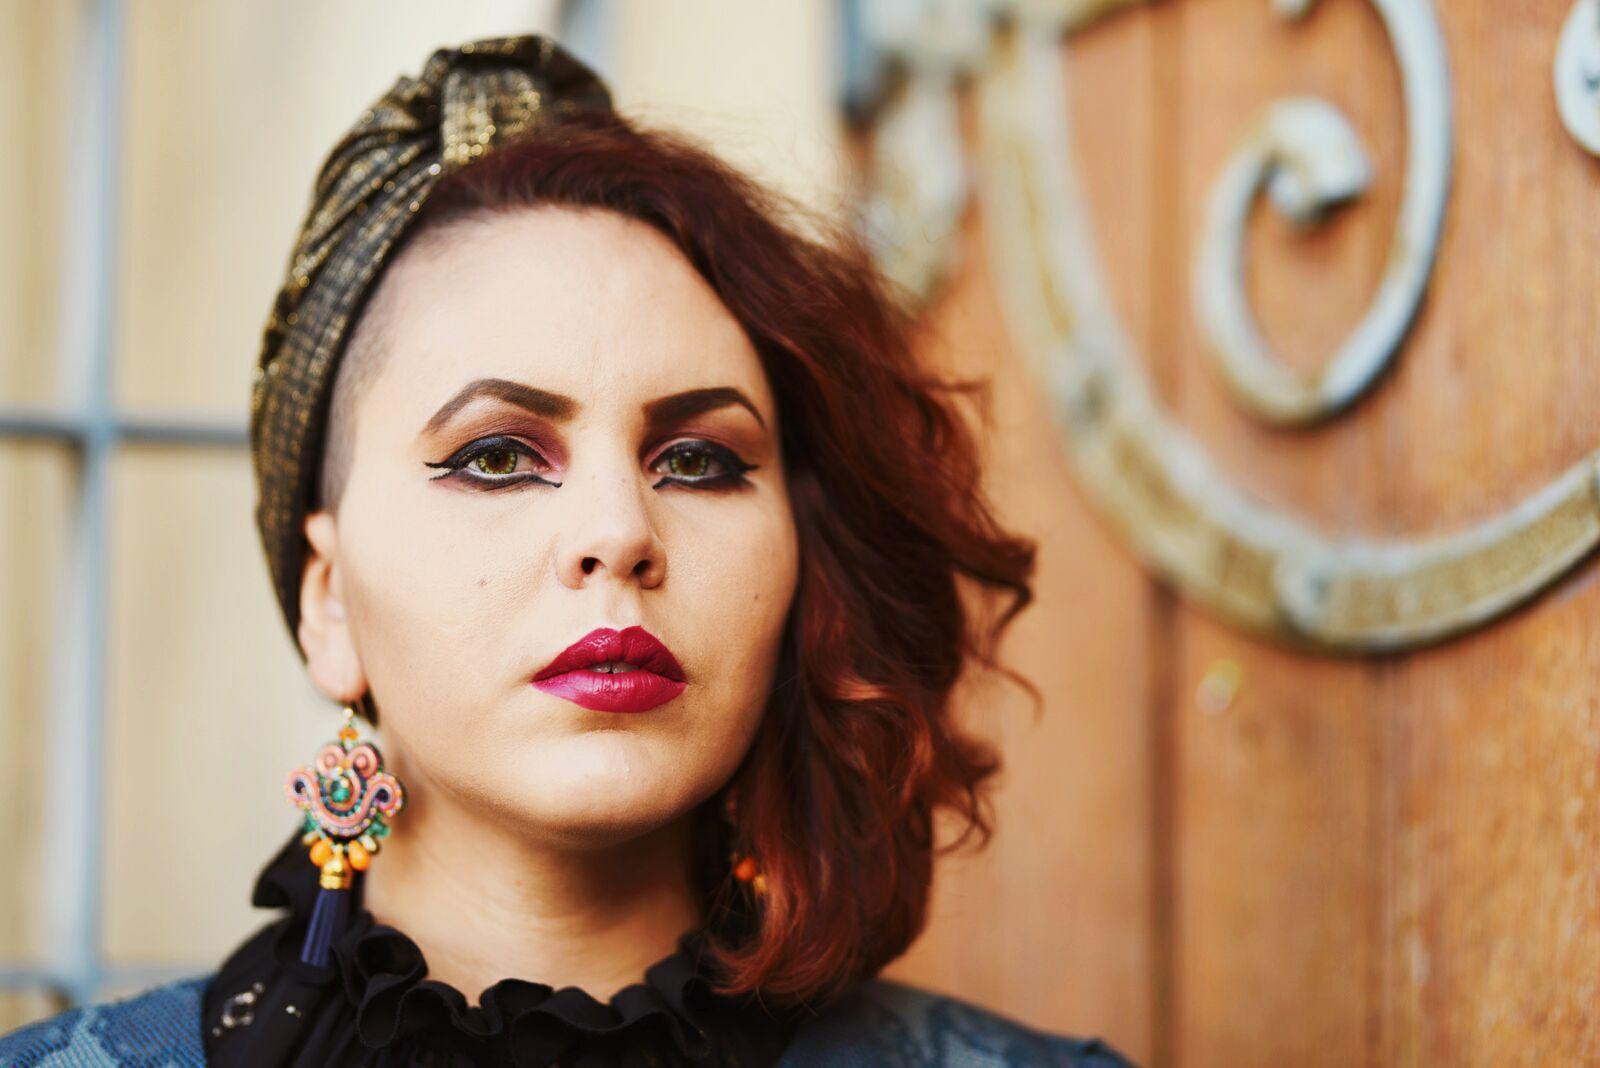 Turban lamé et maquillage gothique